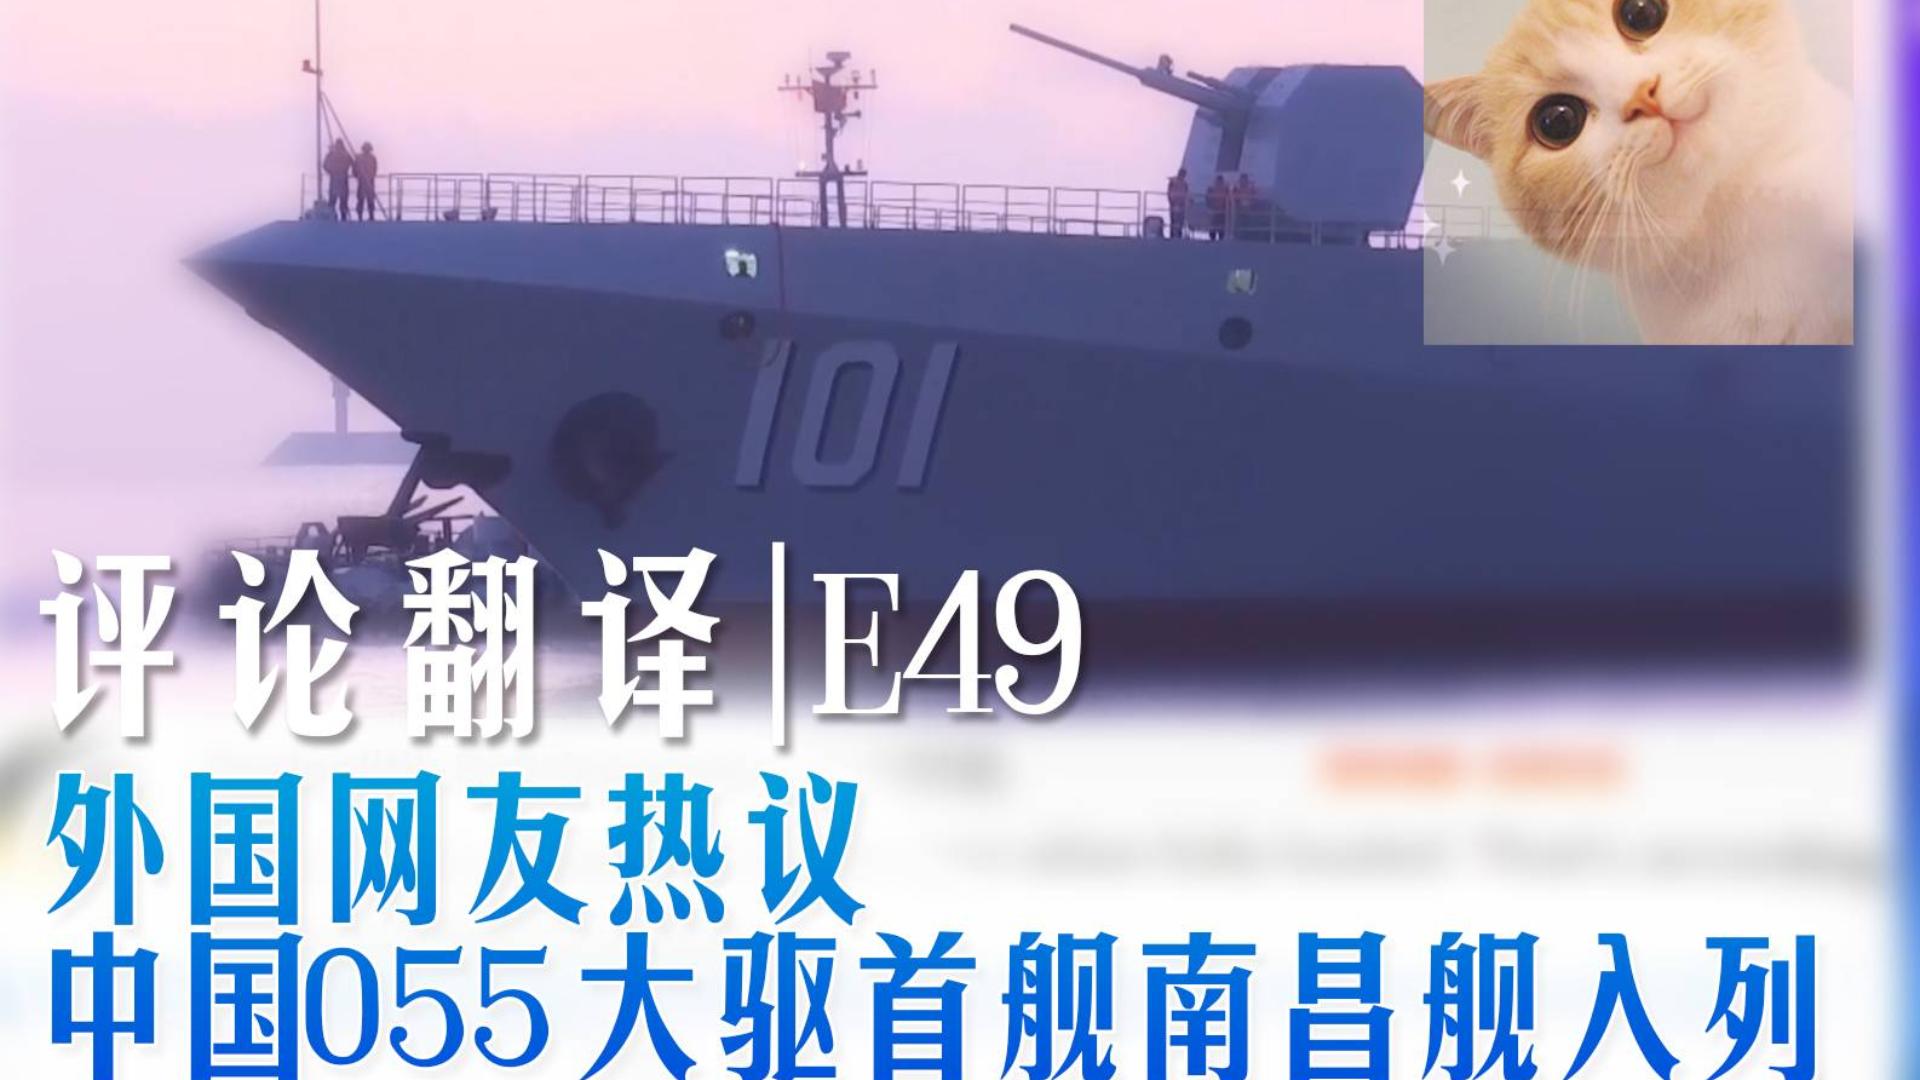 055大驱南昌舰入列 外国网友开始了:世界上最吓人的驱逐舰 | 评论翻译E49 |